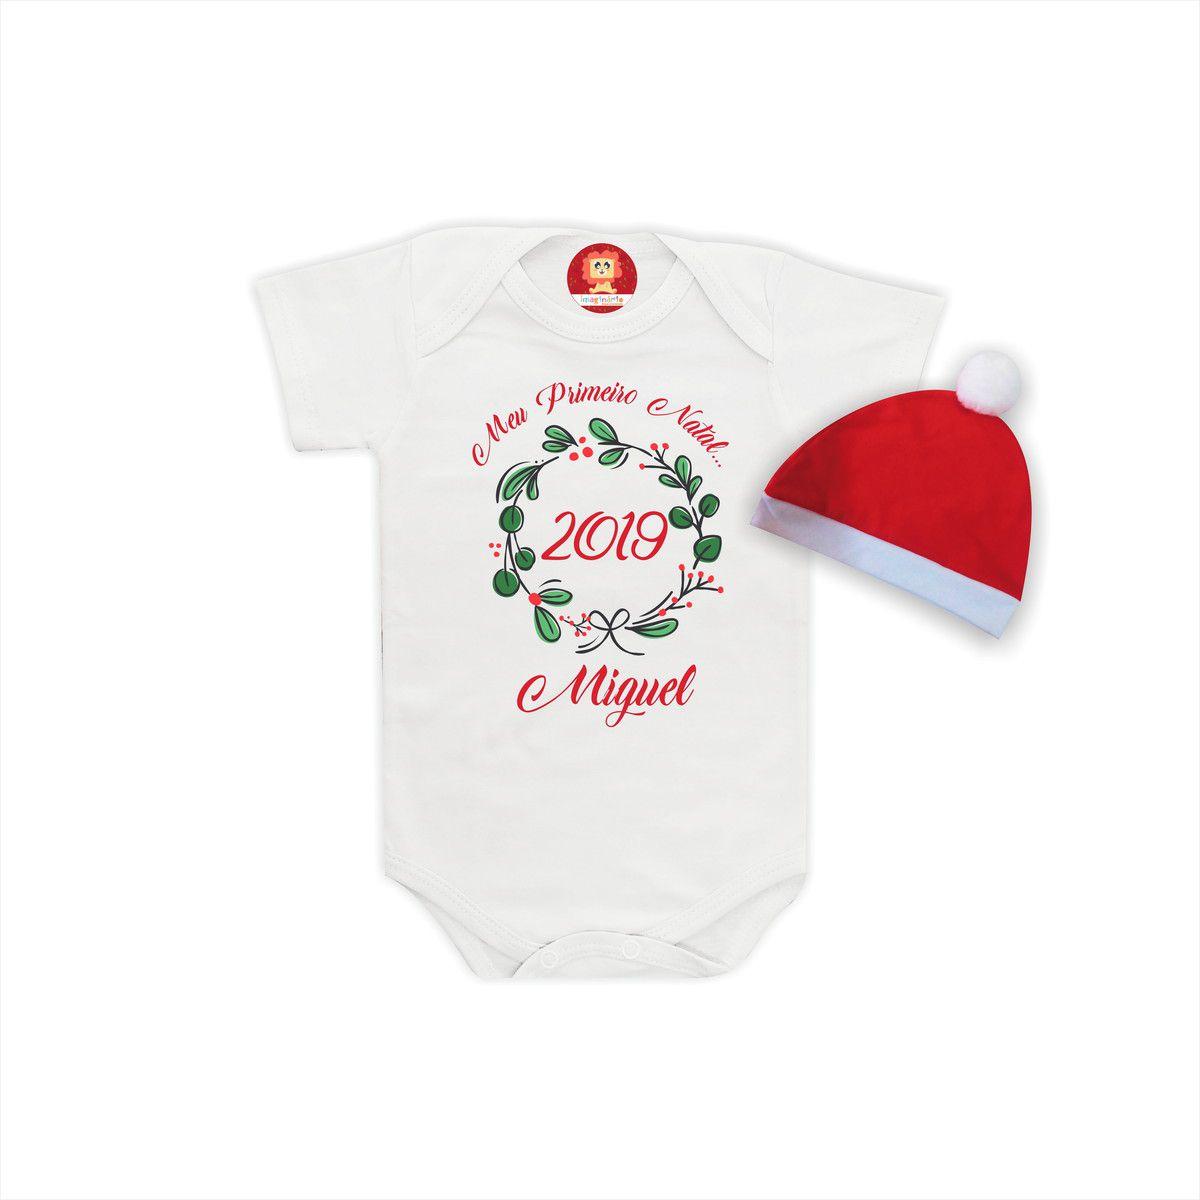 Body Infantil Personalizado Primeiro Natal com Nome do Bebê